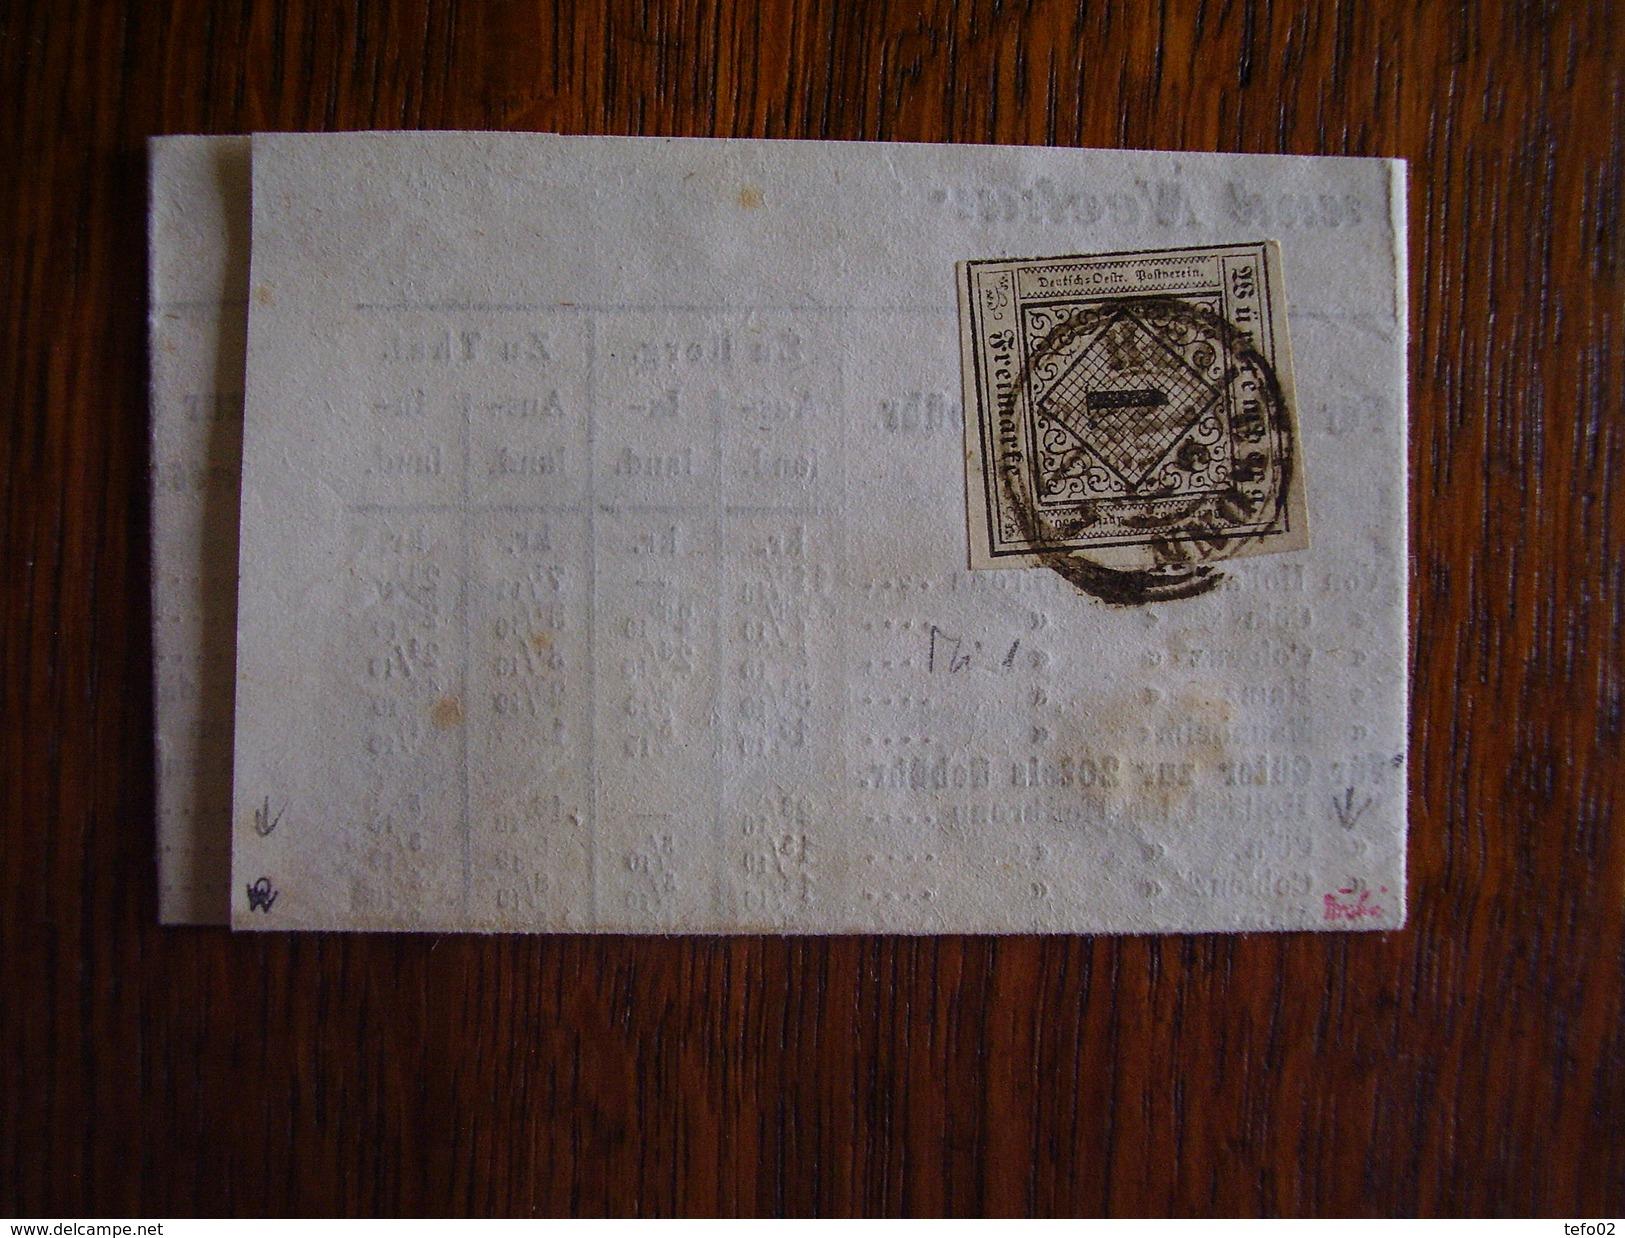 Antichi Stati Tedeschi. Importante Insieme Di Corrispondenze. Descrizione. 67 Foto - Allemagne